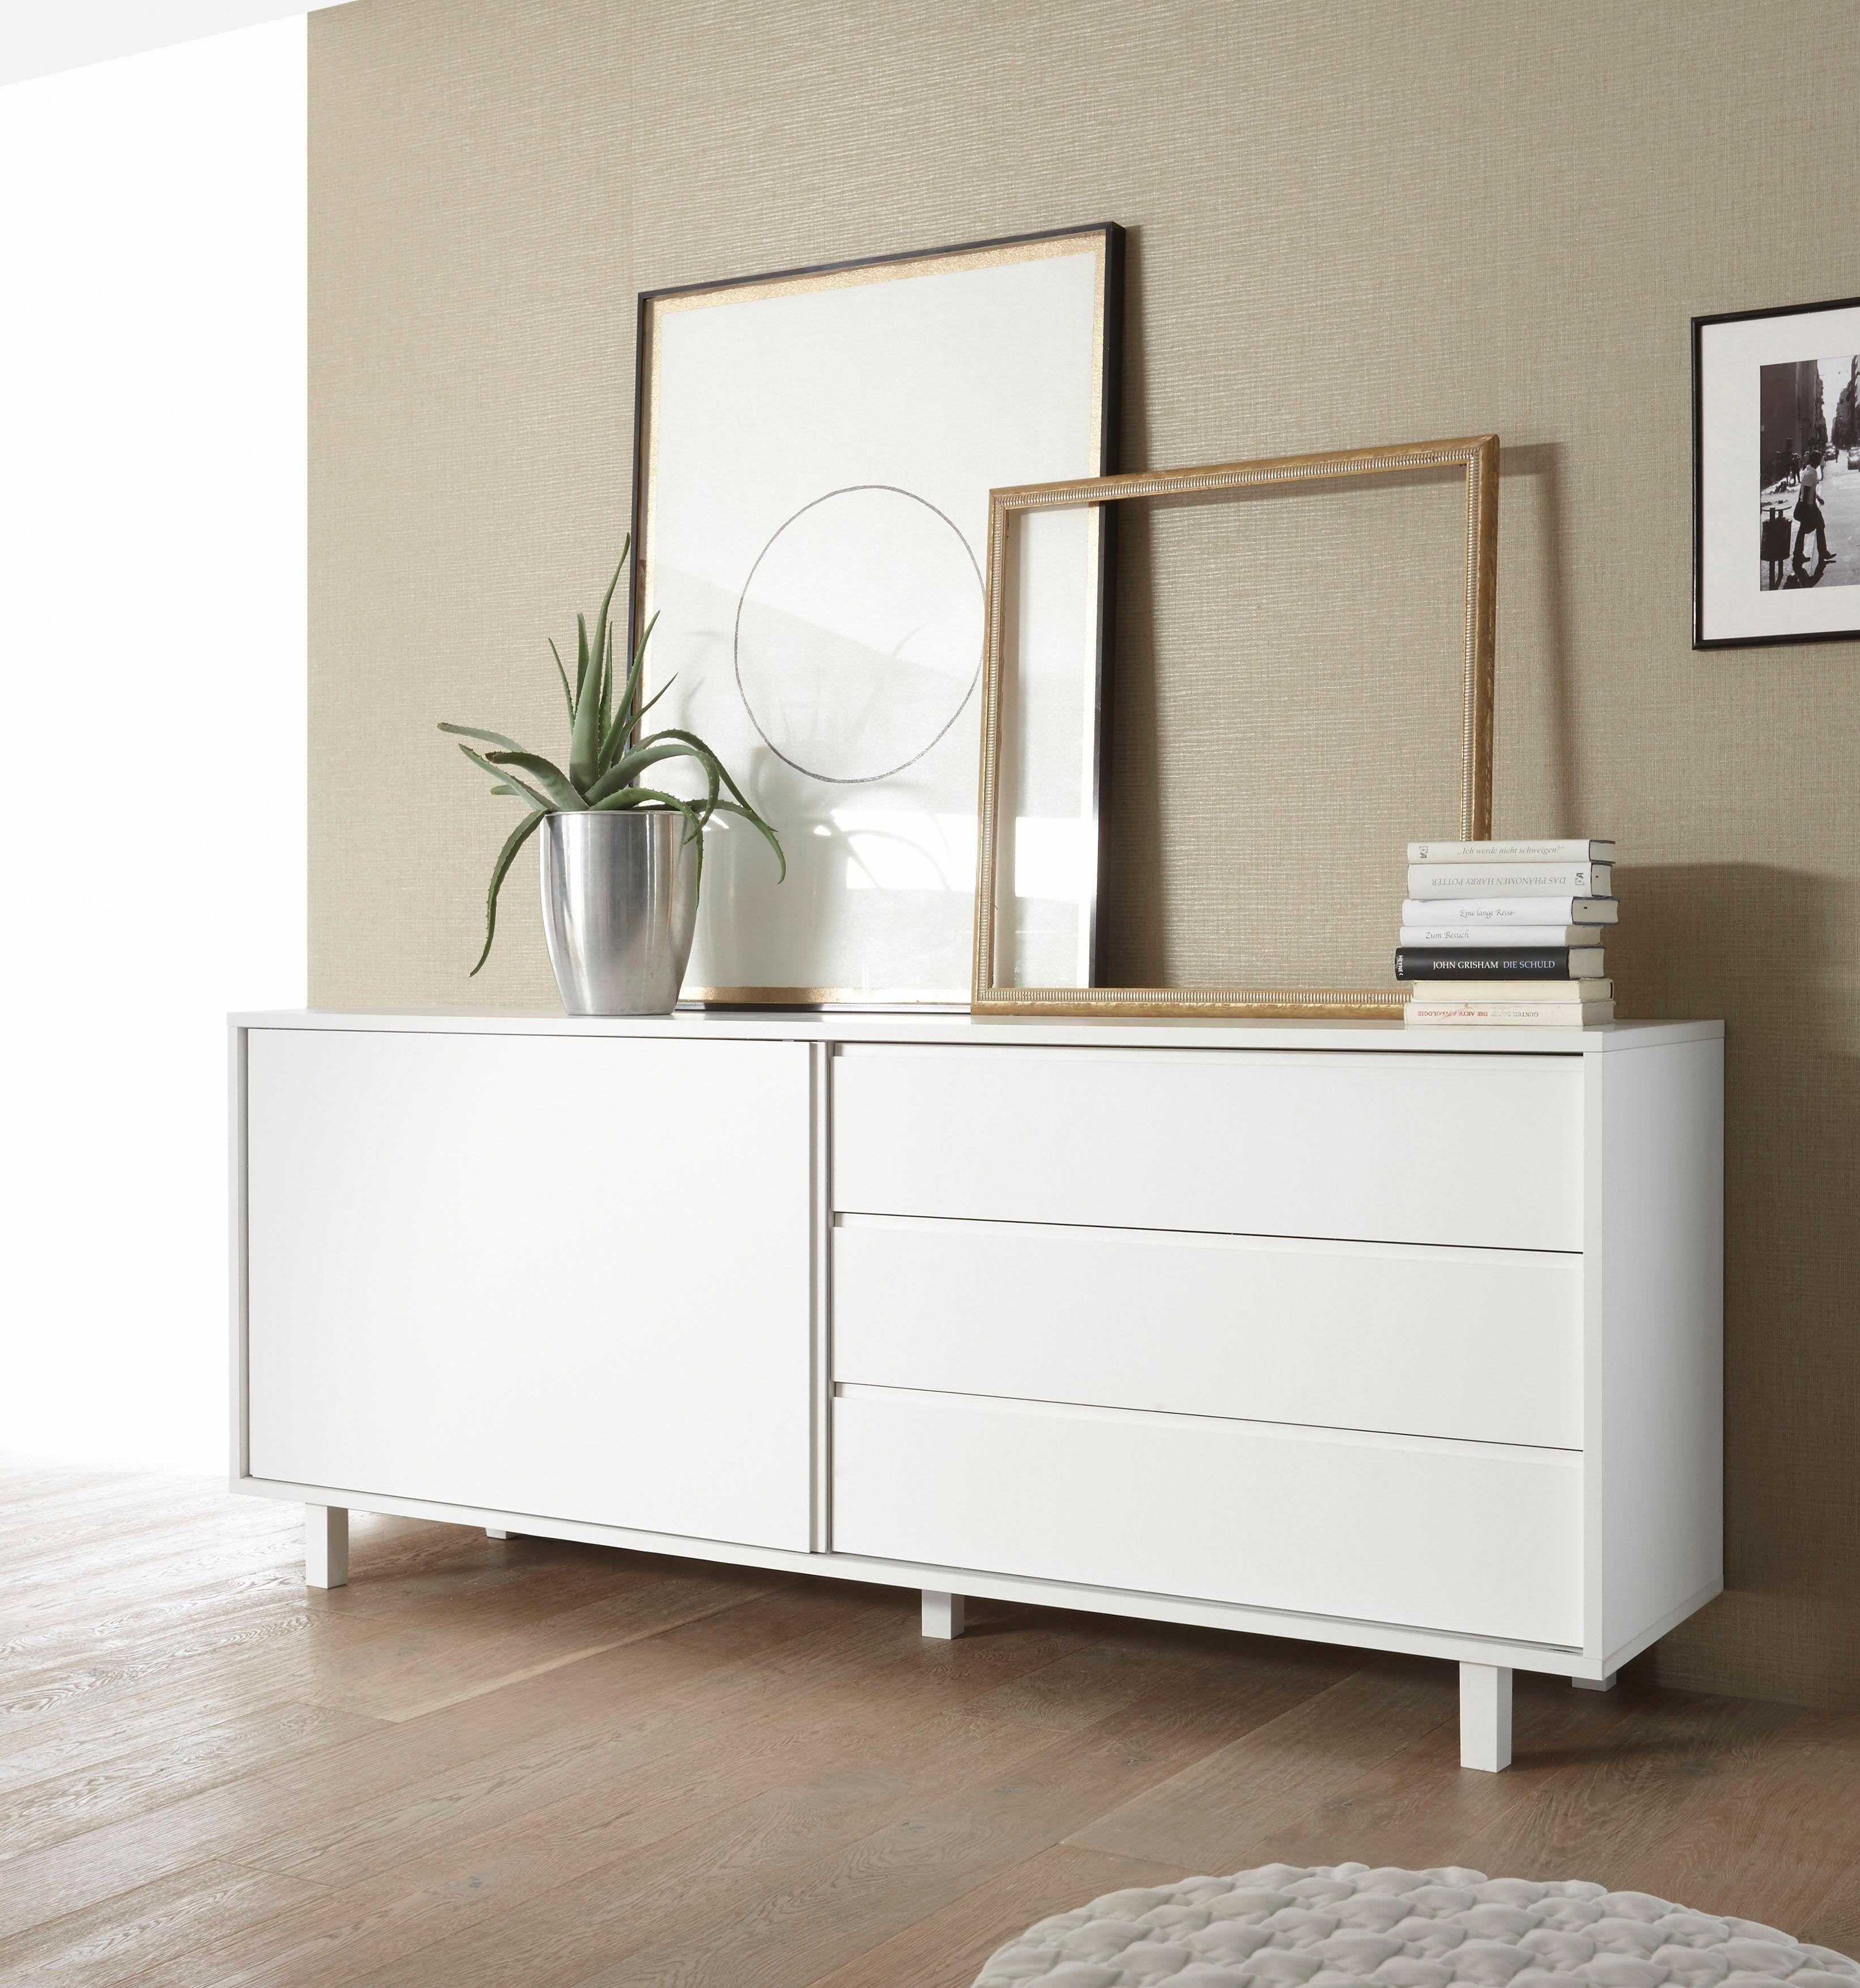 Inspirierend Sideboard Beleuchtet Referenz Von Lc Weiß, Füße Aus Kunststoff, »o«, Mit